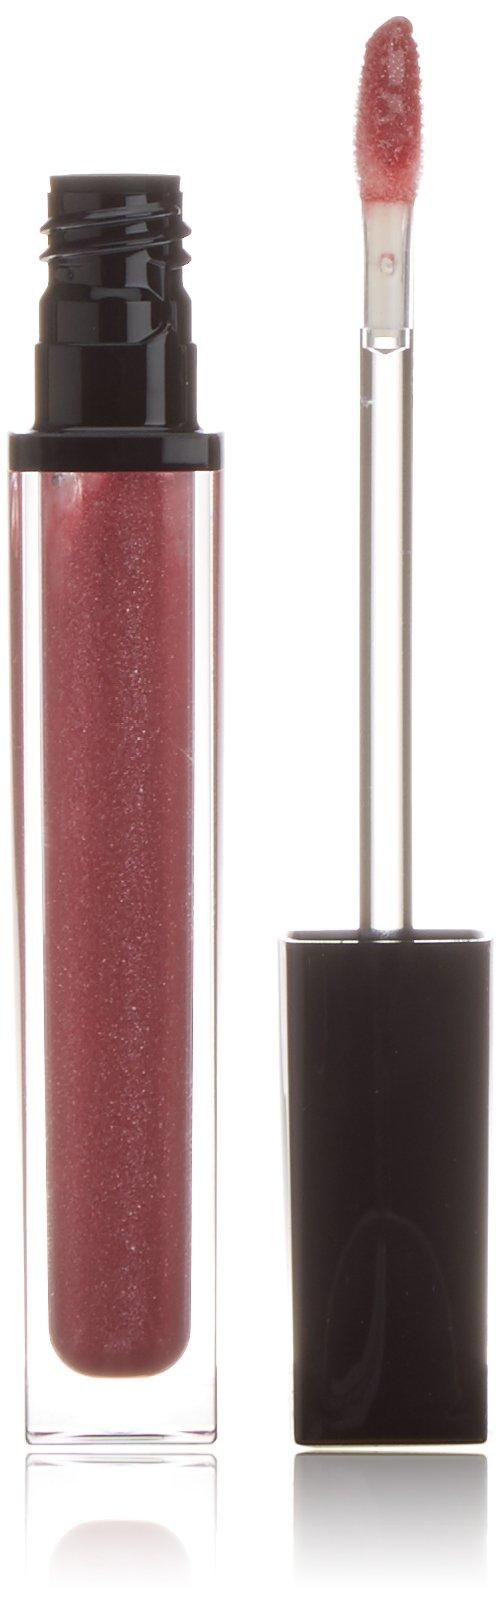 Estee Lauder Pure Color Envy Sculpting Gloss - 430 Plum Jealousy, 0.1 Ounce